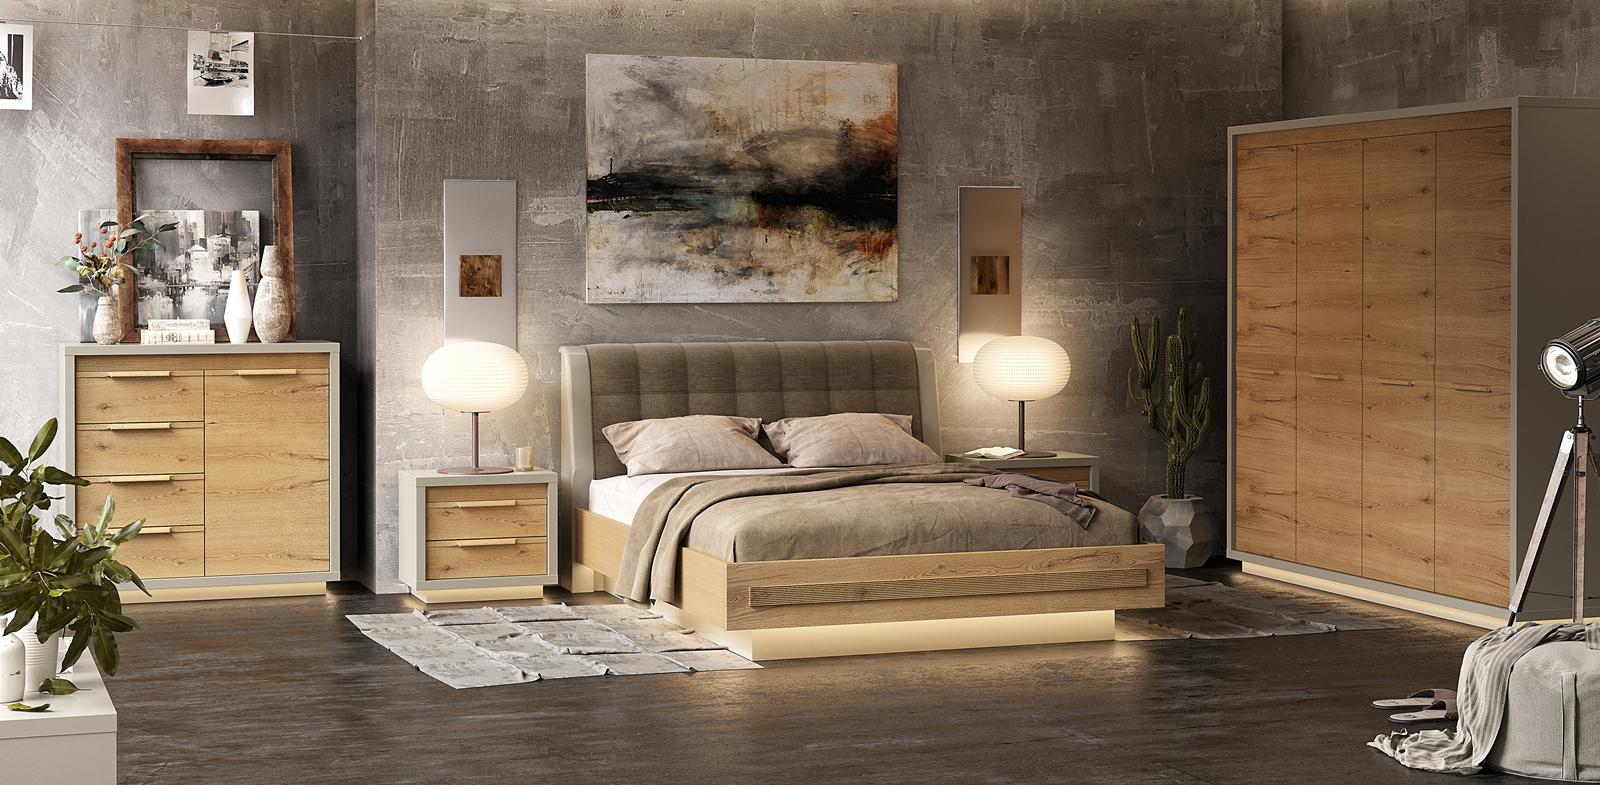 Bedroom_06